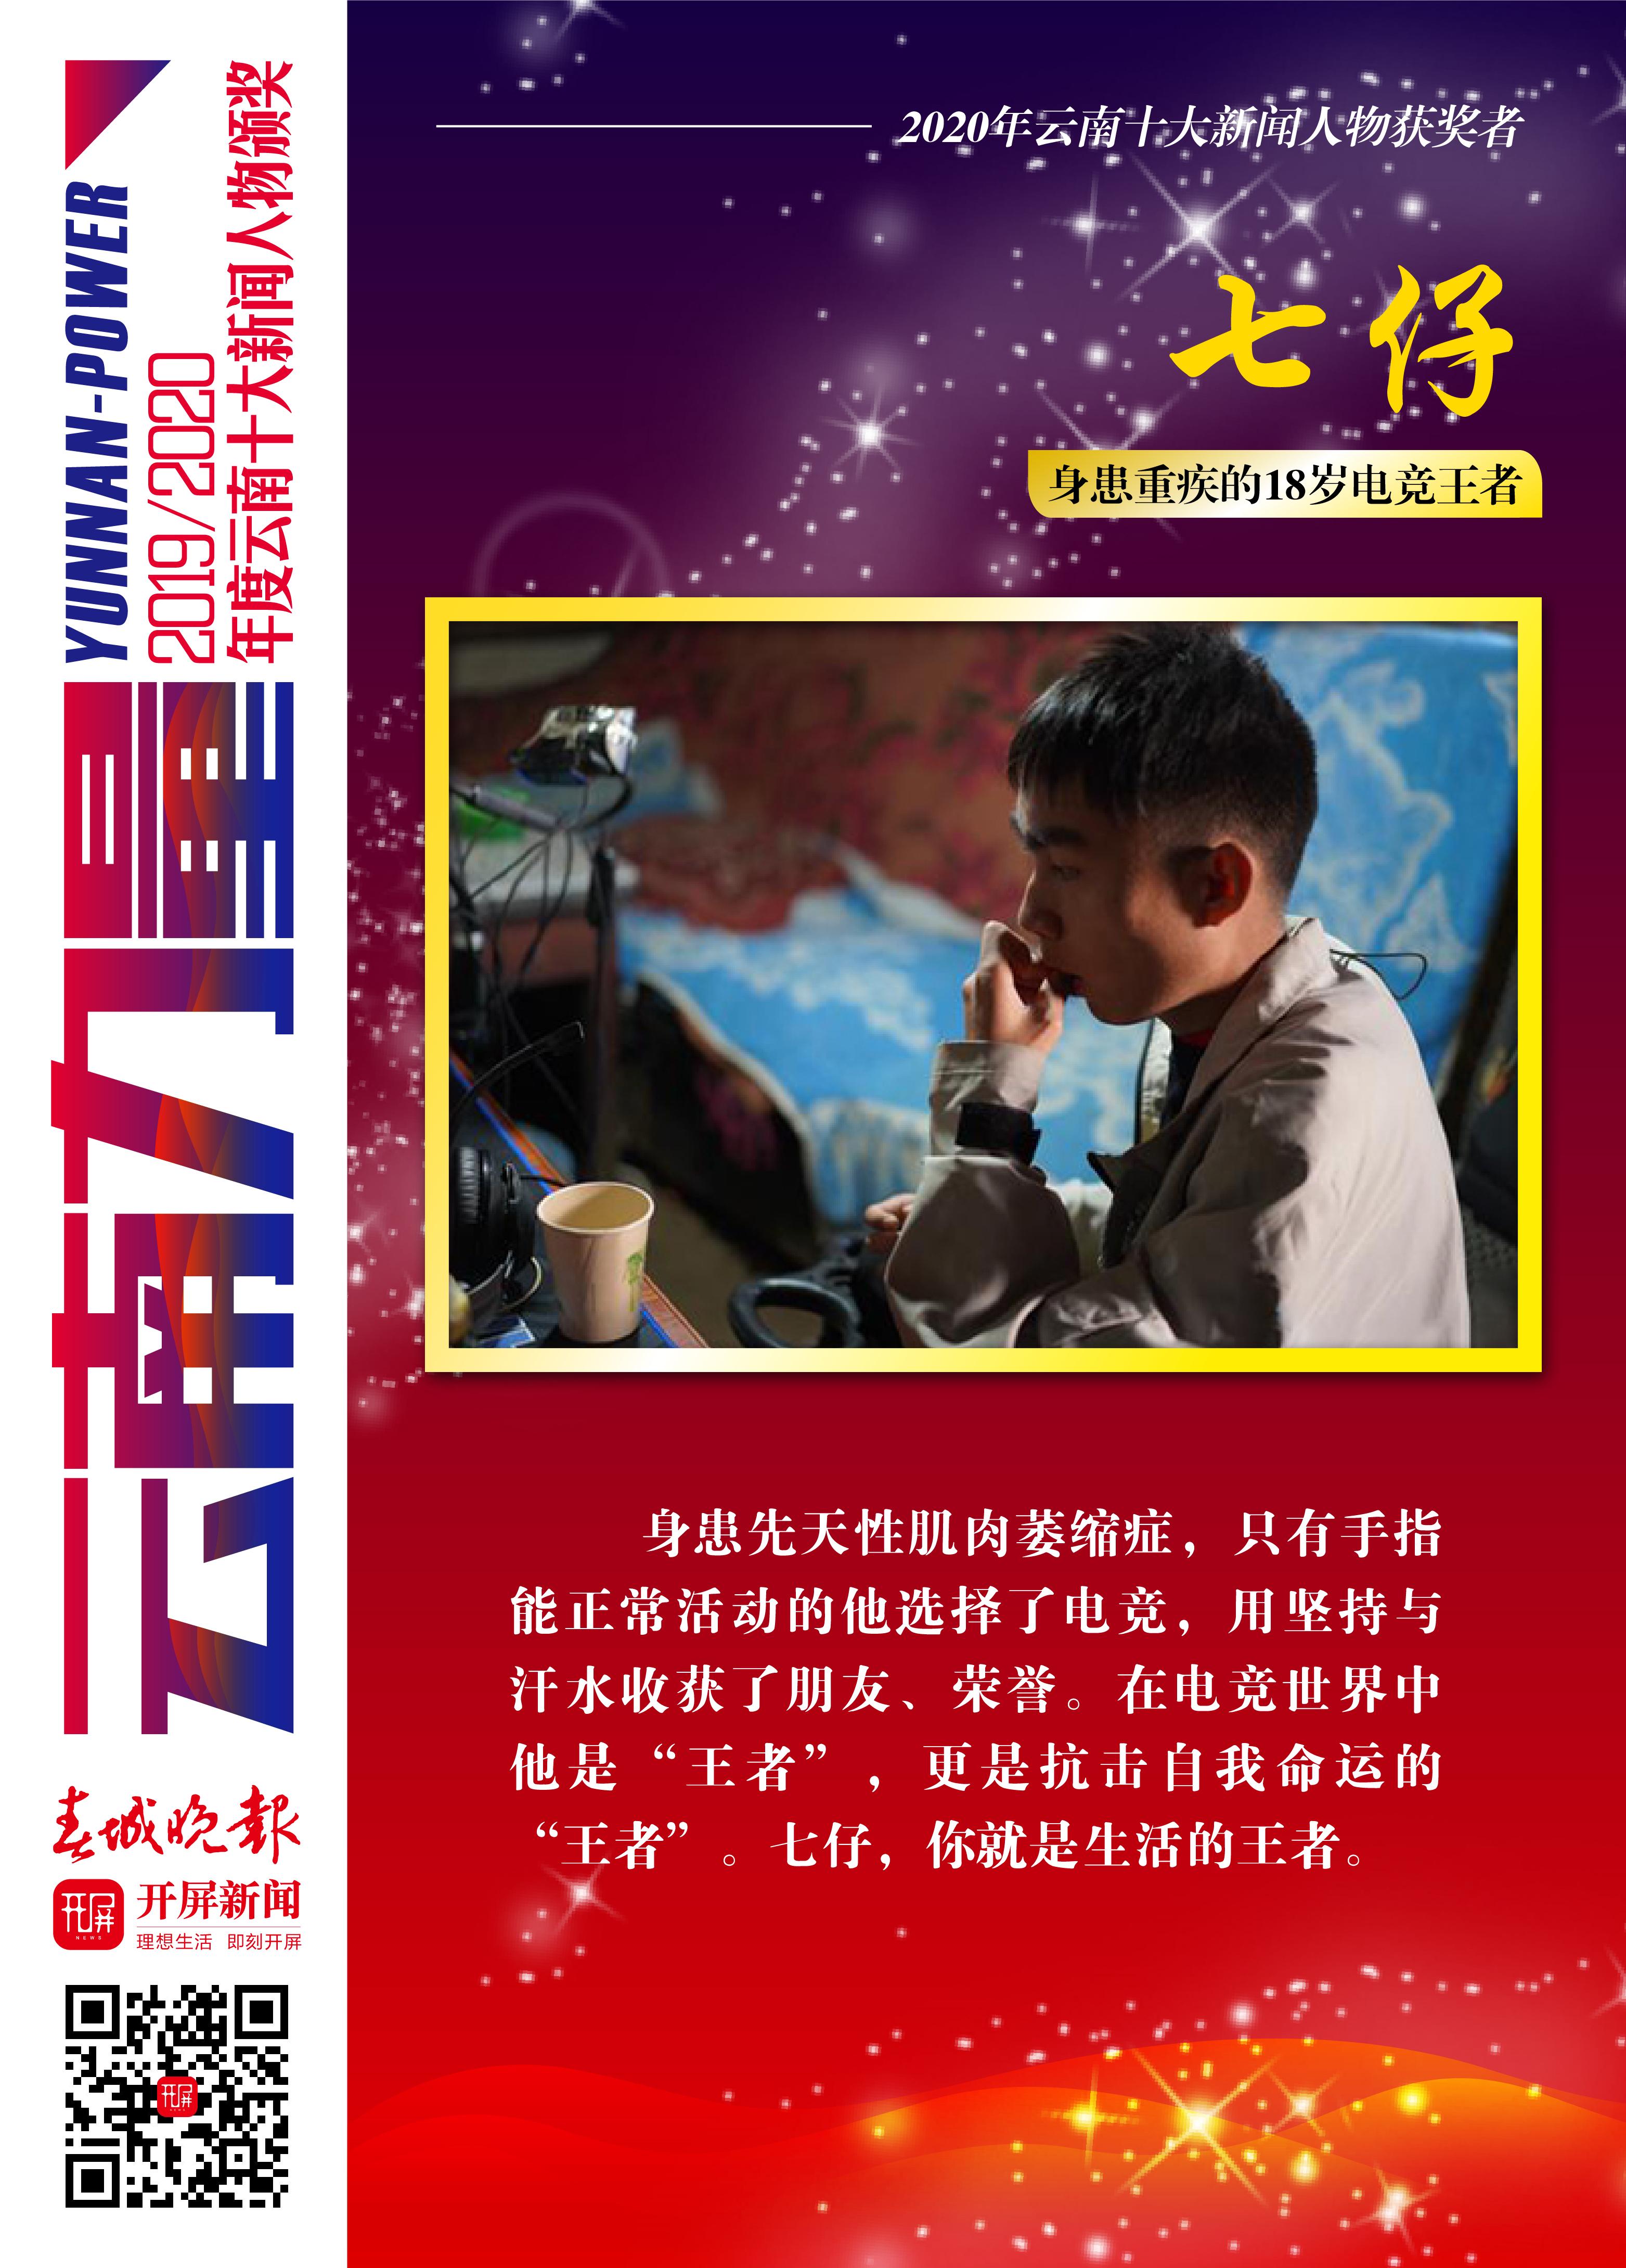 2020新闻人物海报_05七仔.jpg